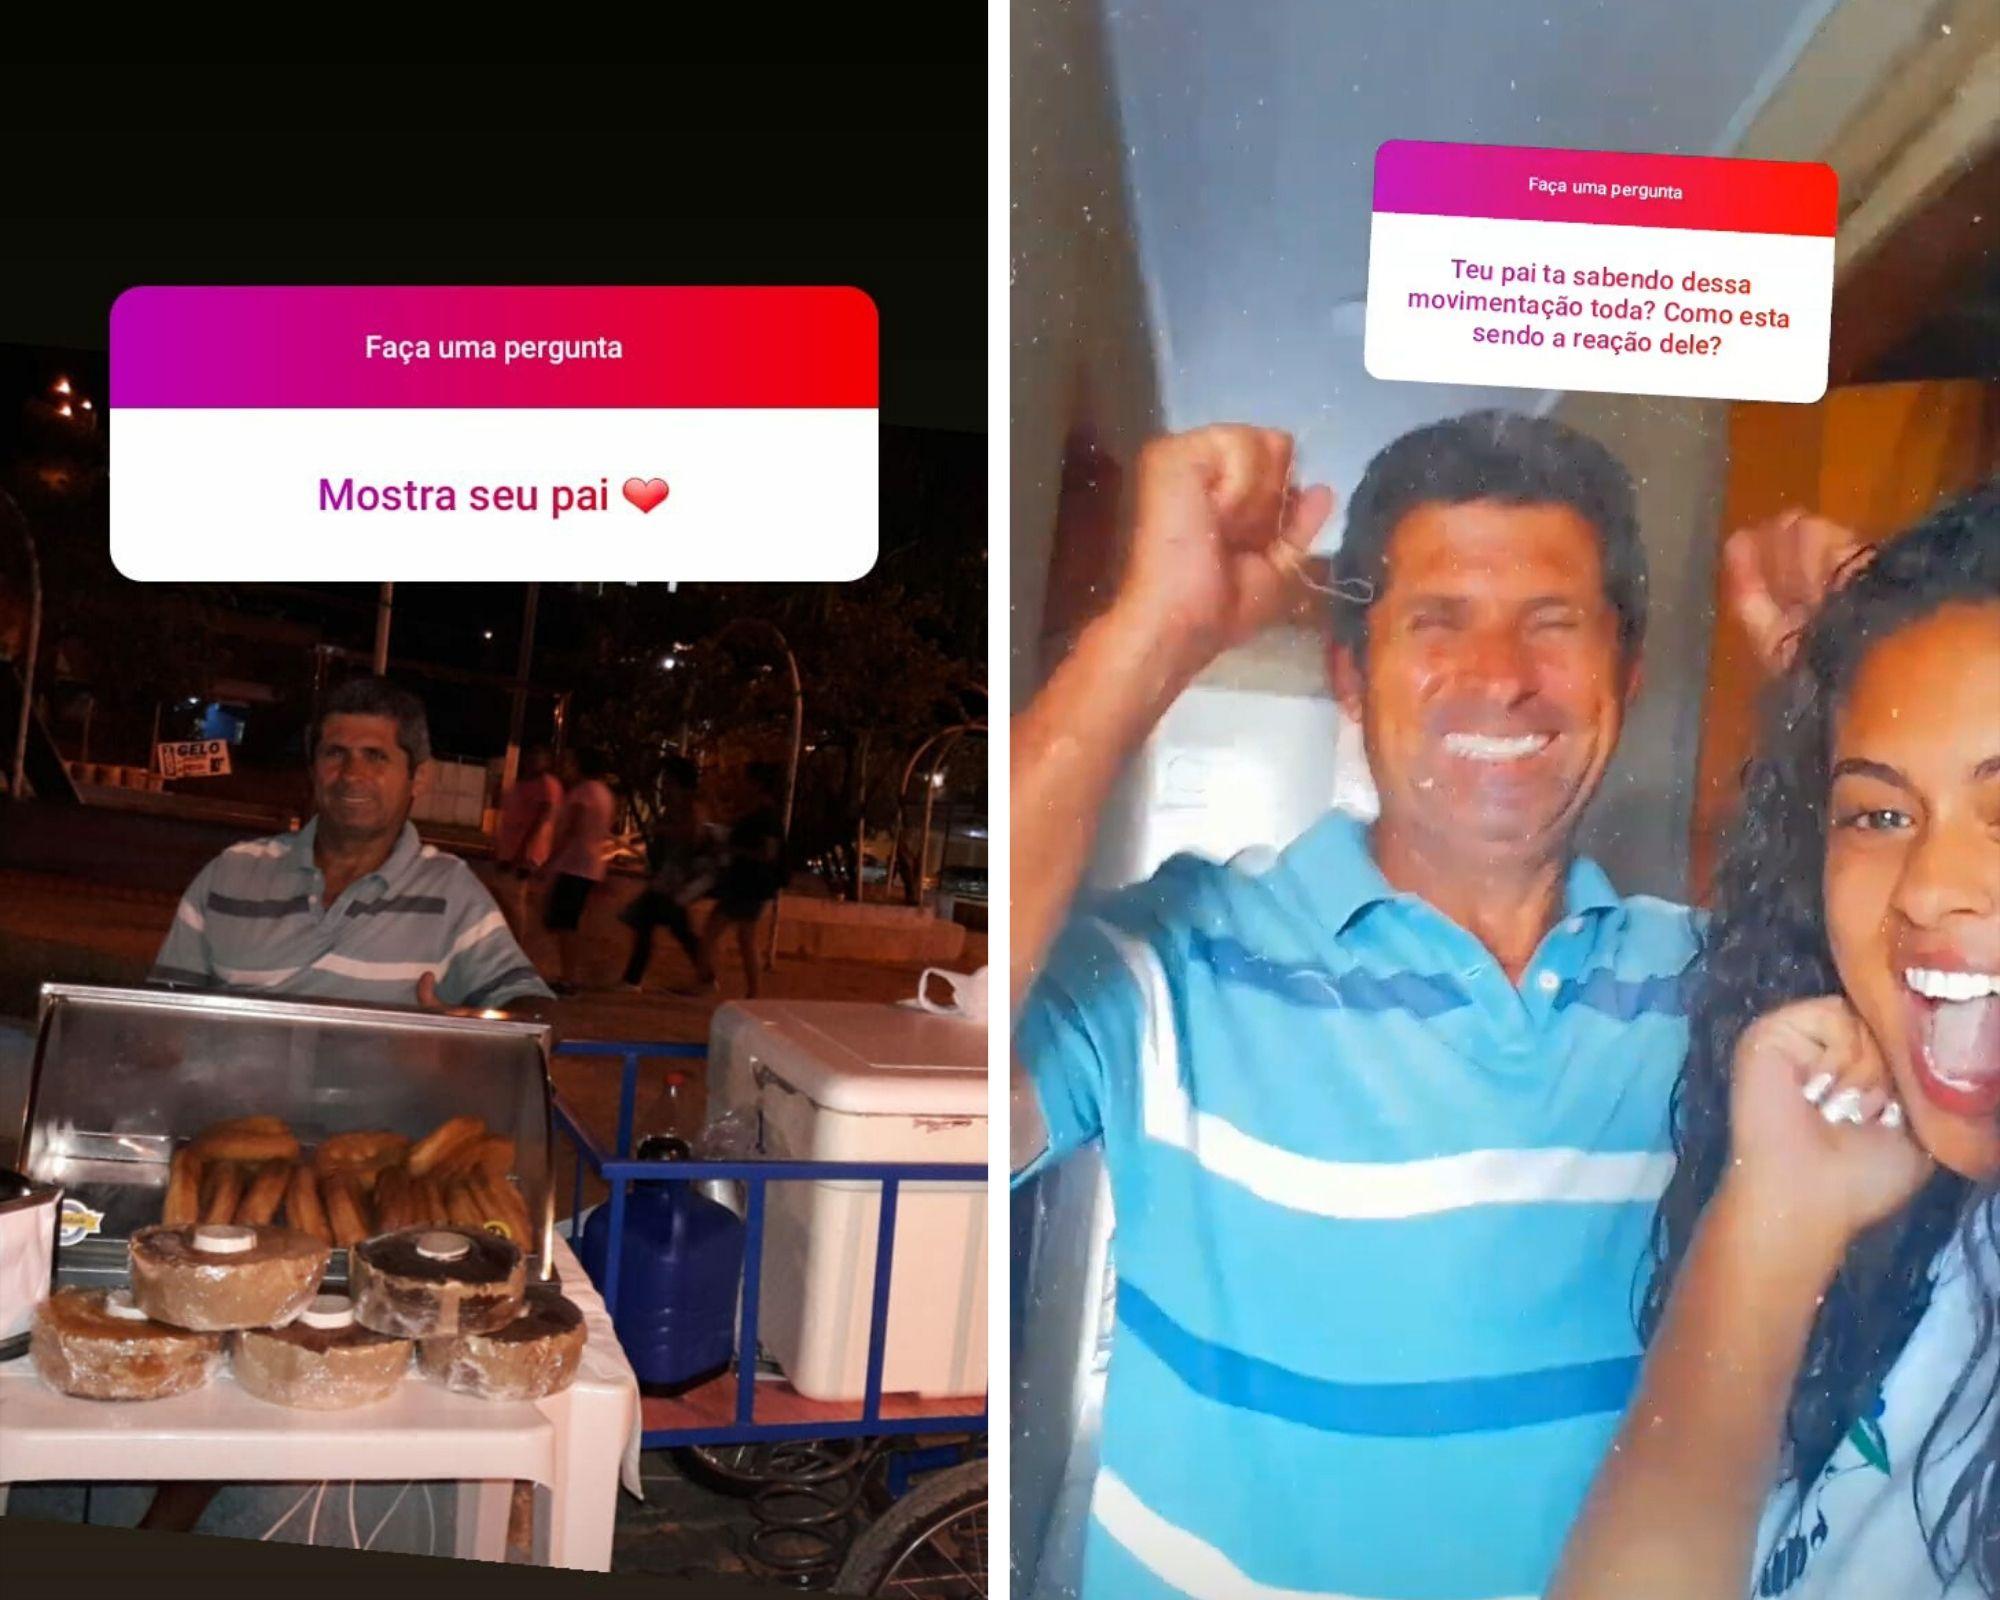 stories de filha que publicou tweet para ajudar pai com as vendas de salgados